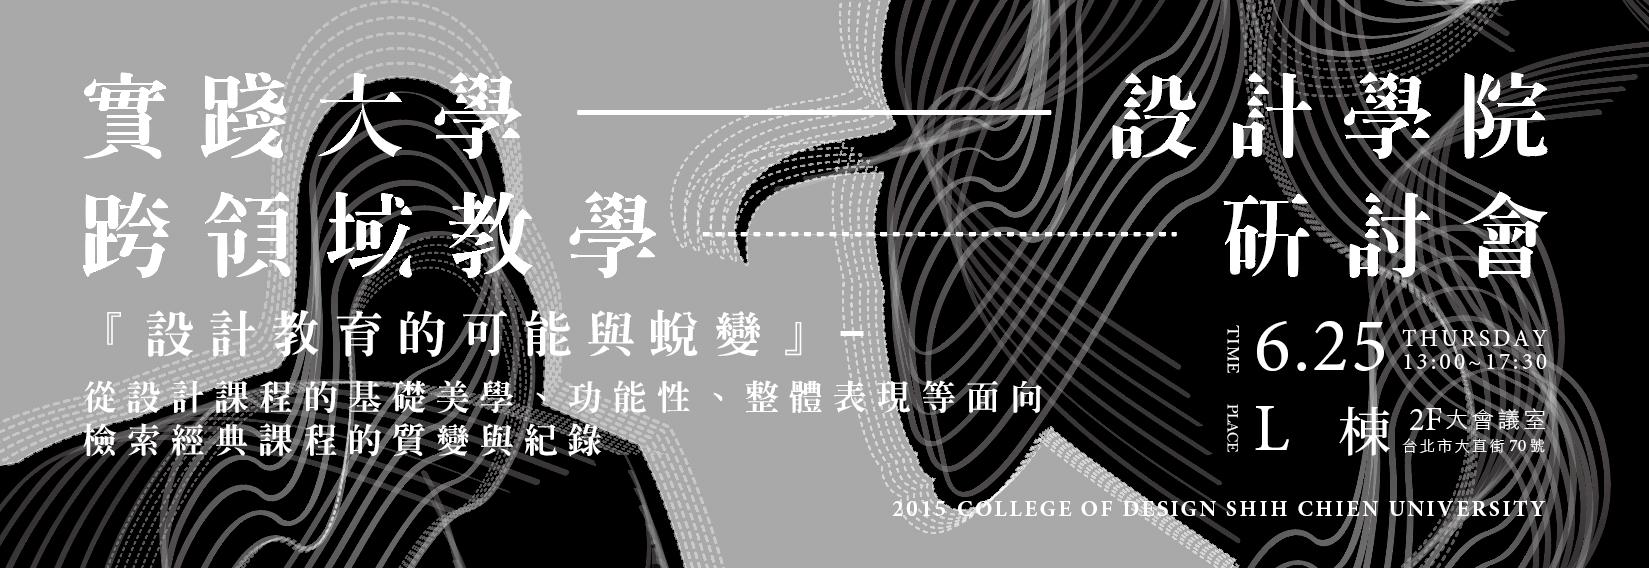 0625研討會banner2